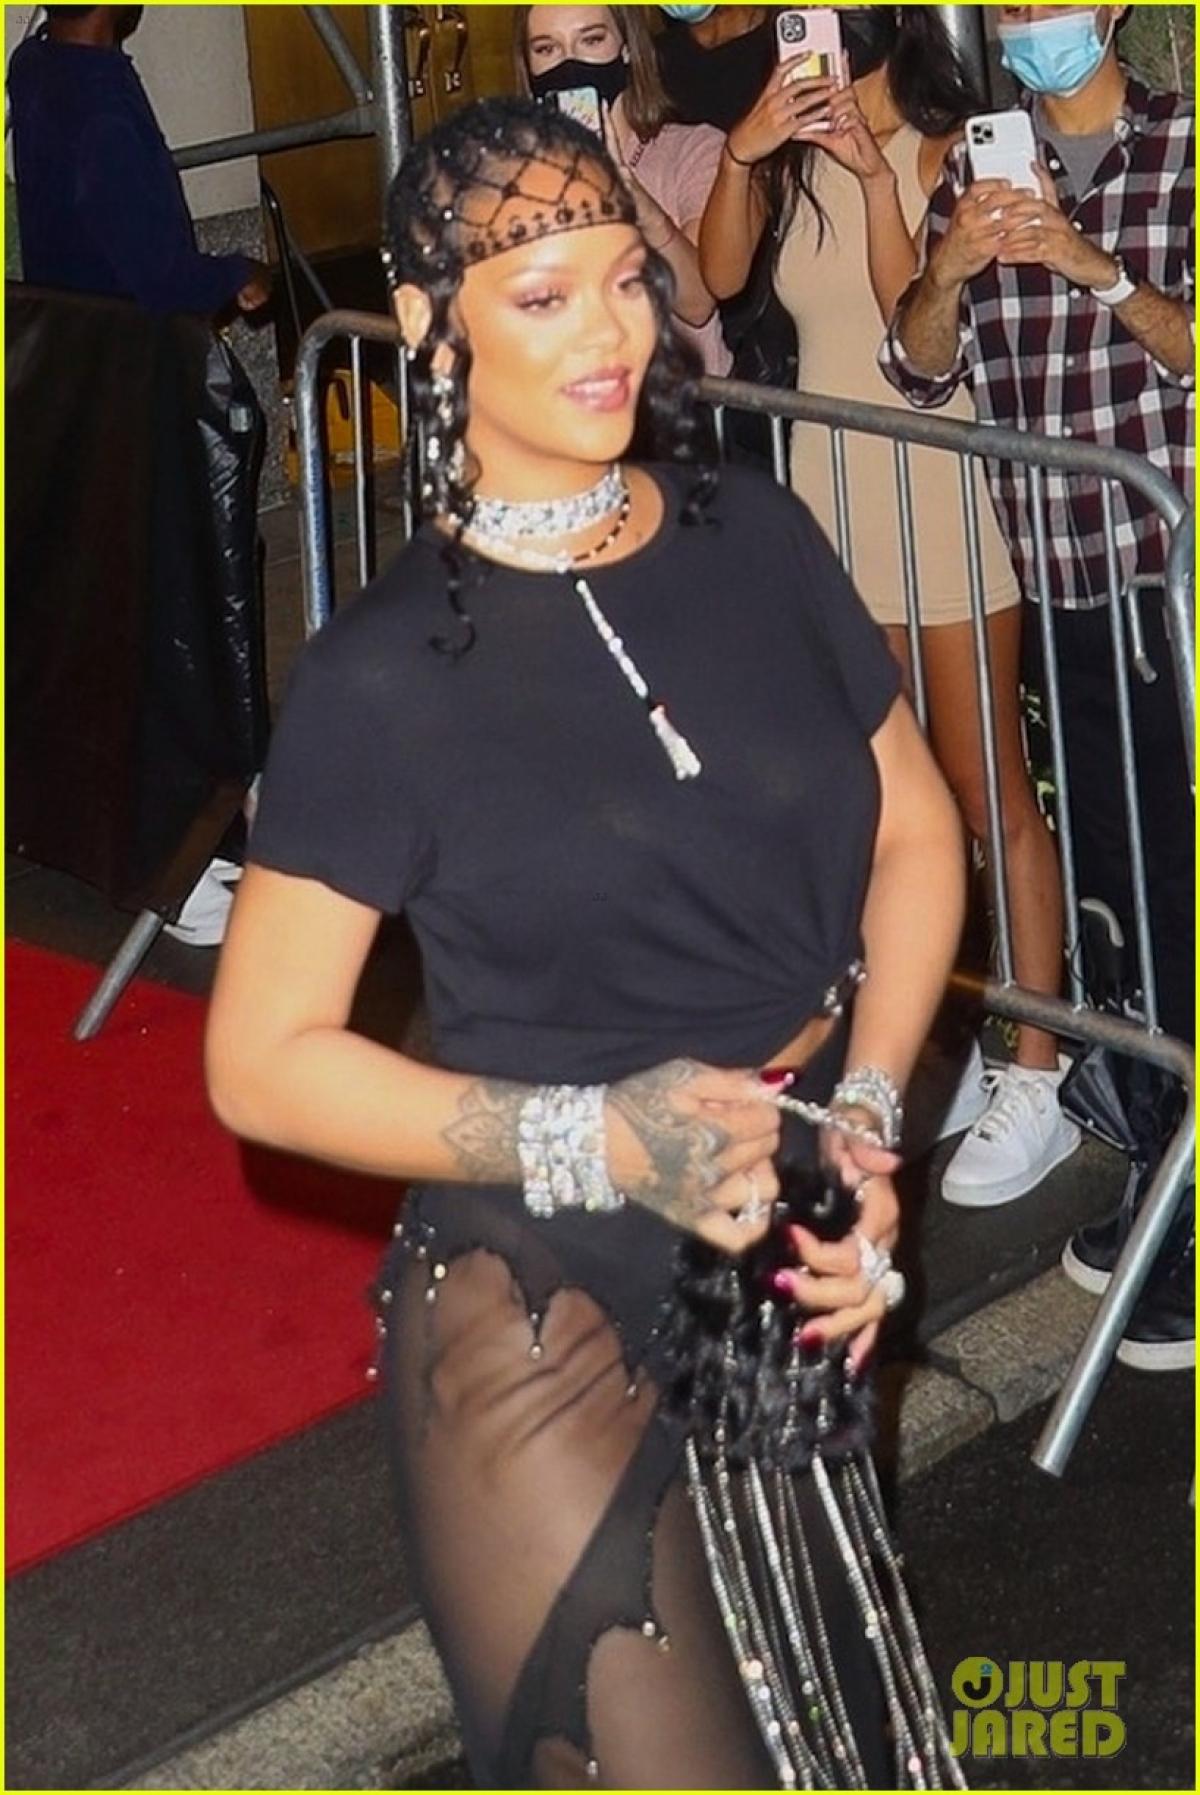 Sự xuất hiện của Rihanna khiến giới truyền thông và công chúng quan tâm.